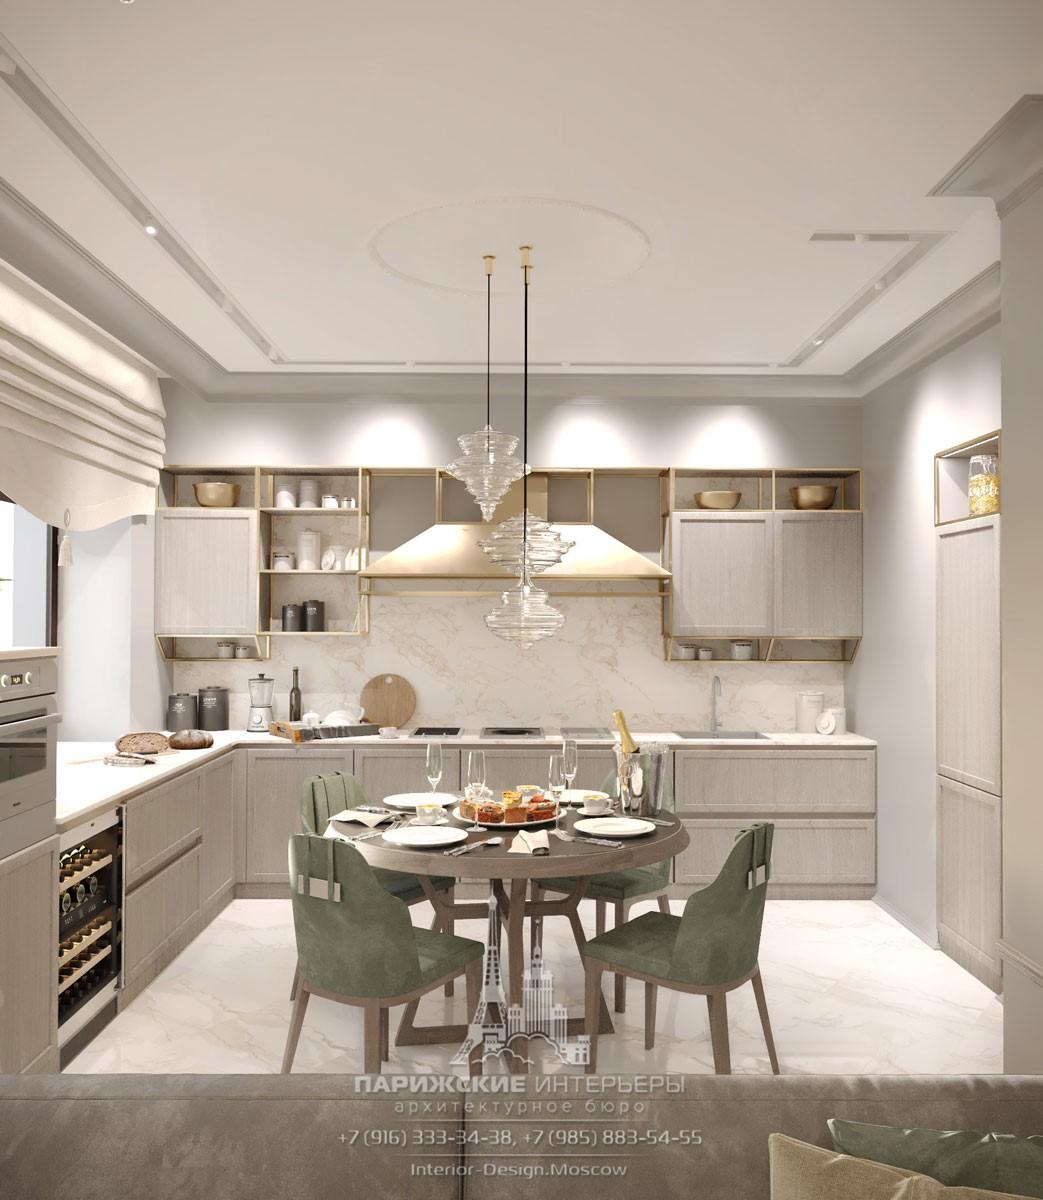 Современный дизайн кухни в серых тонах со столовой зоной